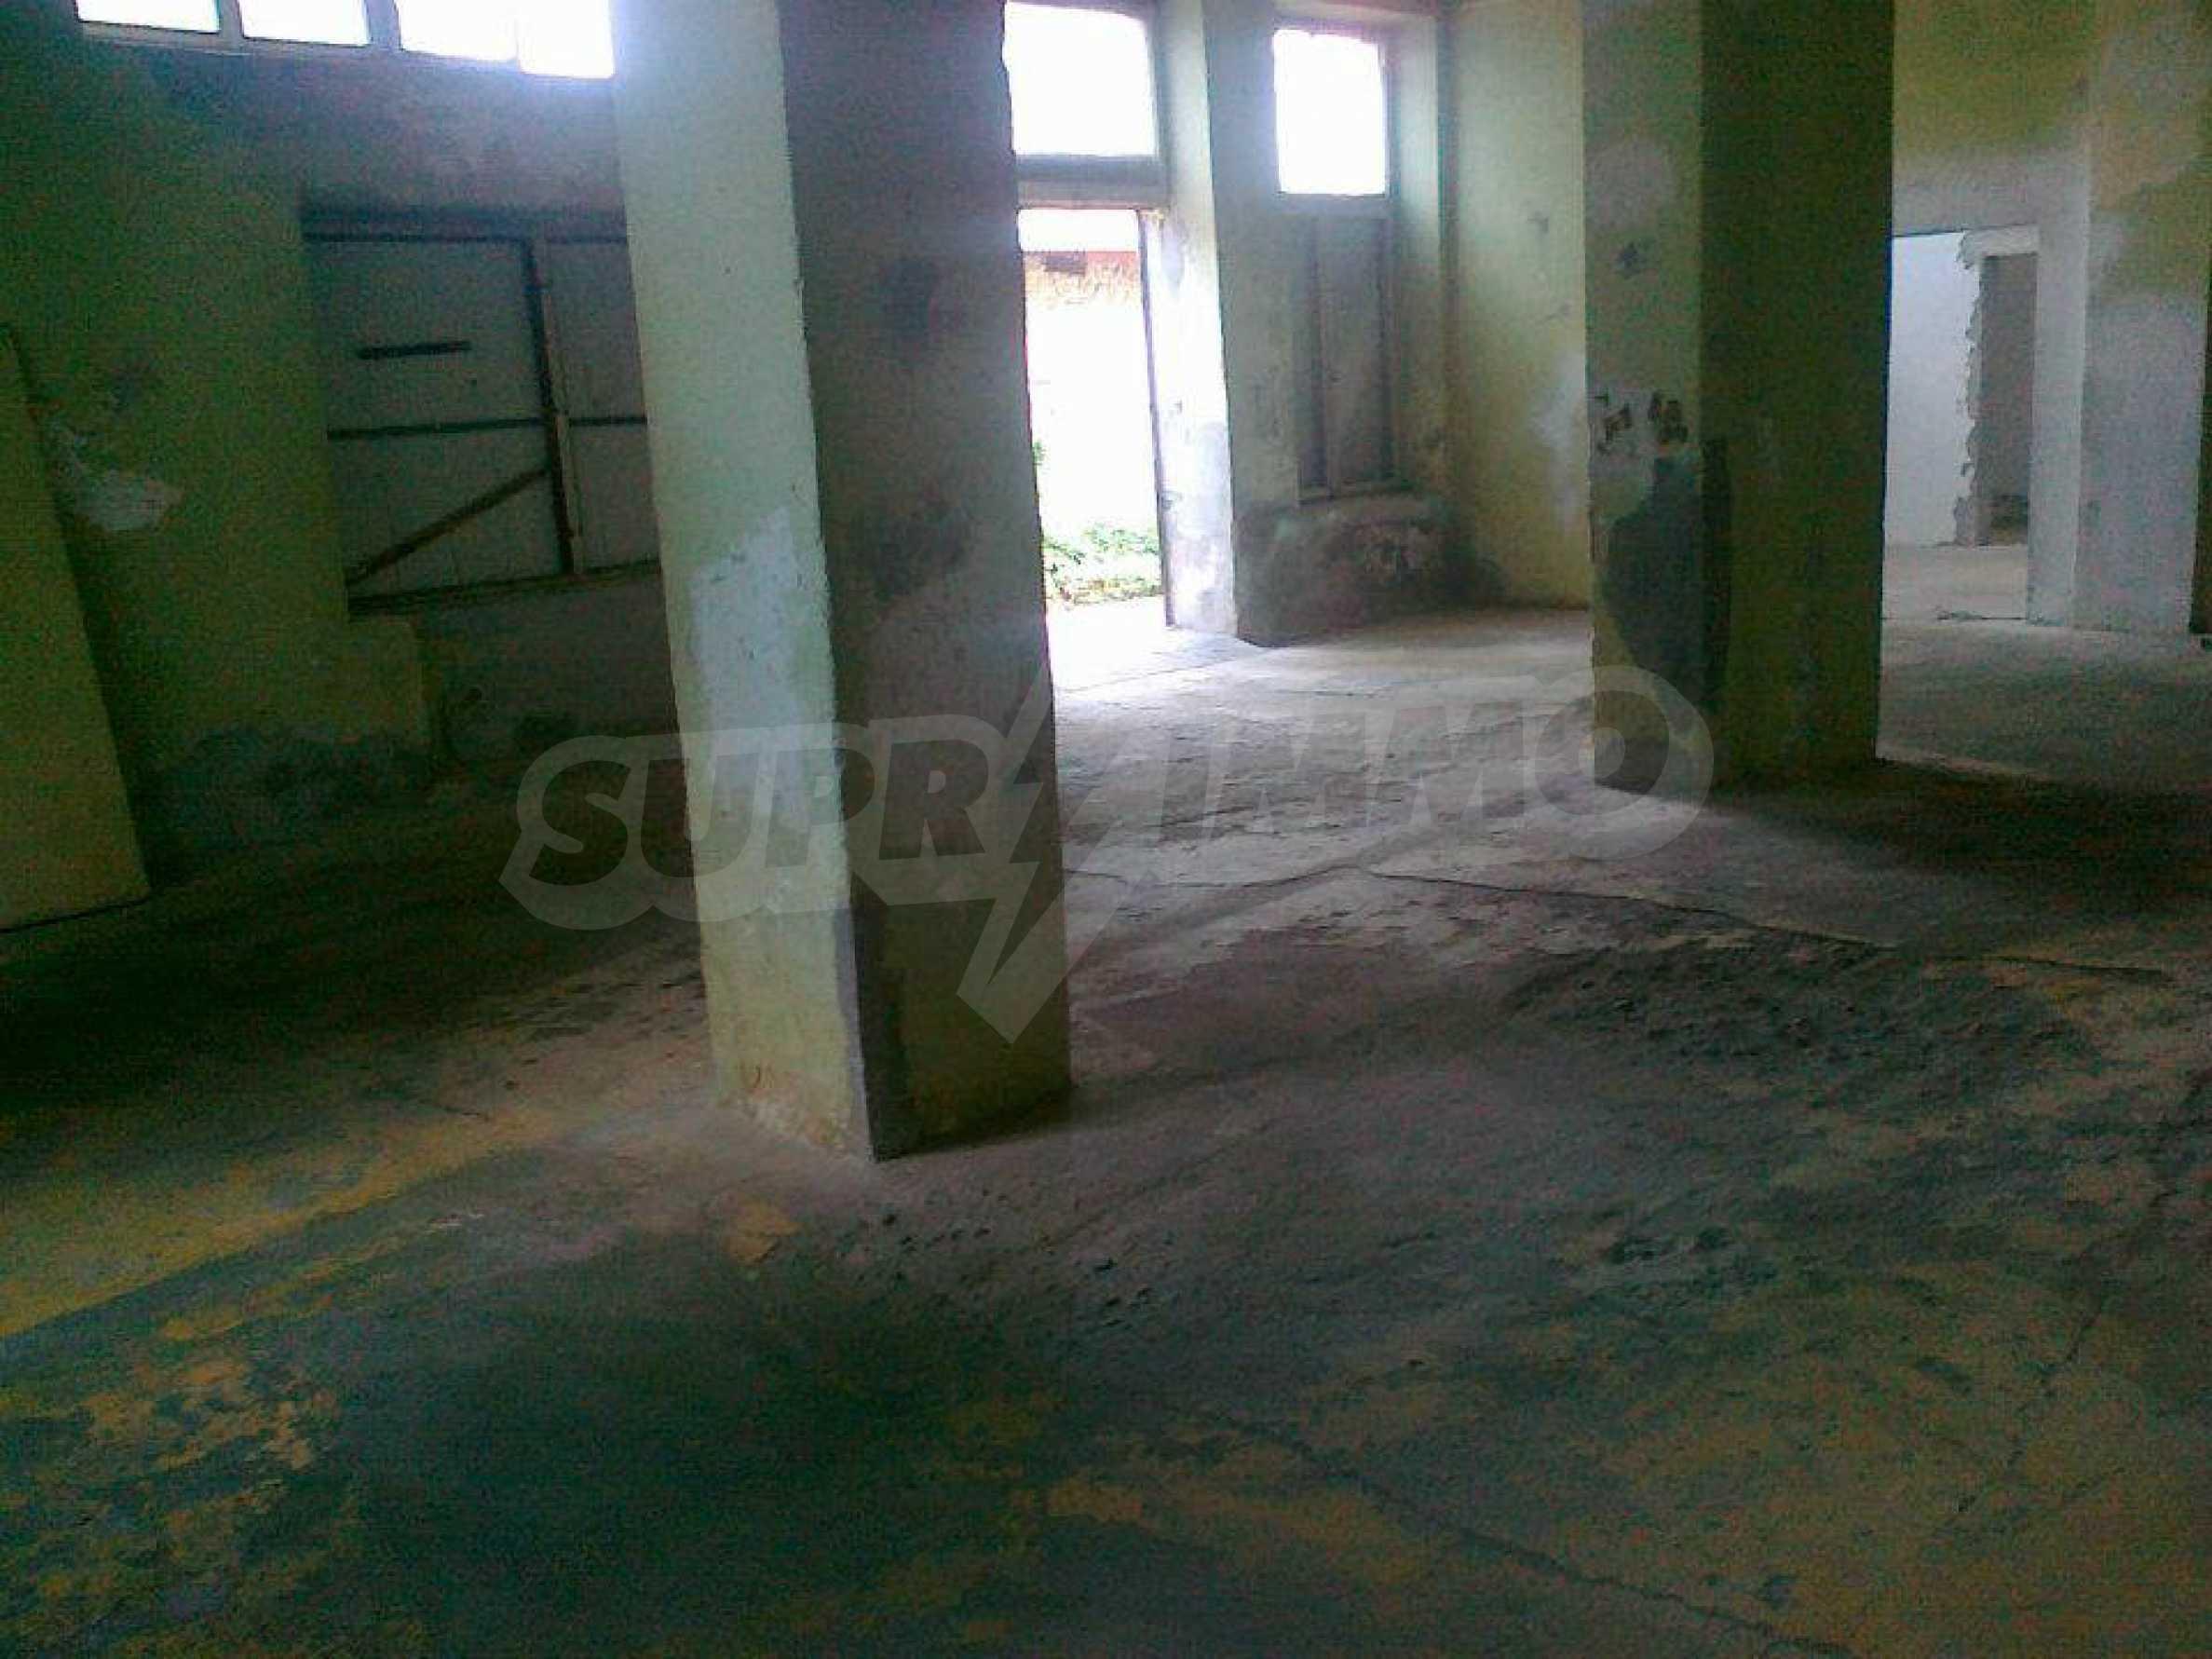 Massives dreistöckiges Lagerhaus in einer Stadt 40 km von Veliko Tarnovo entfernt 21